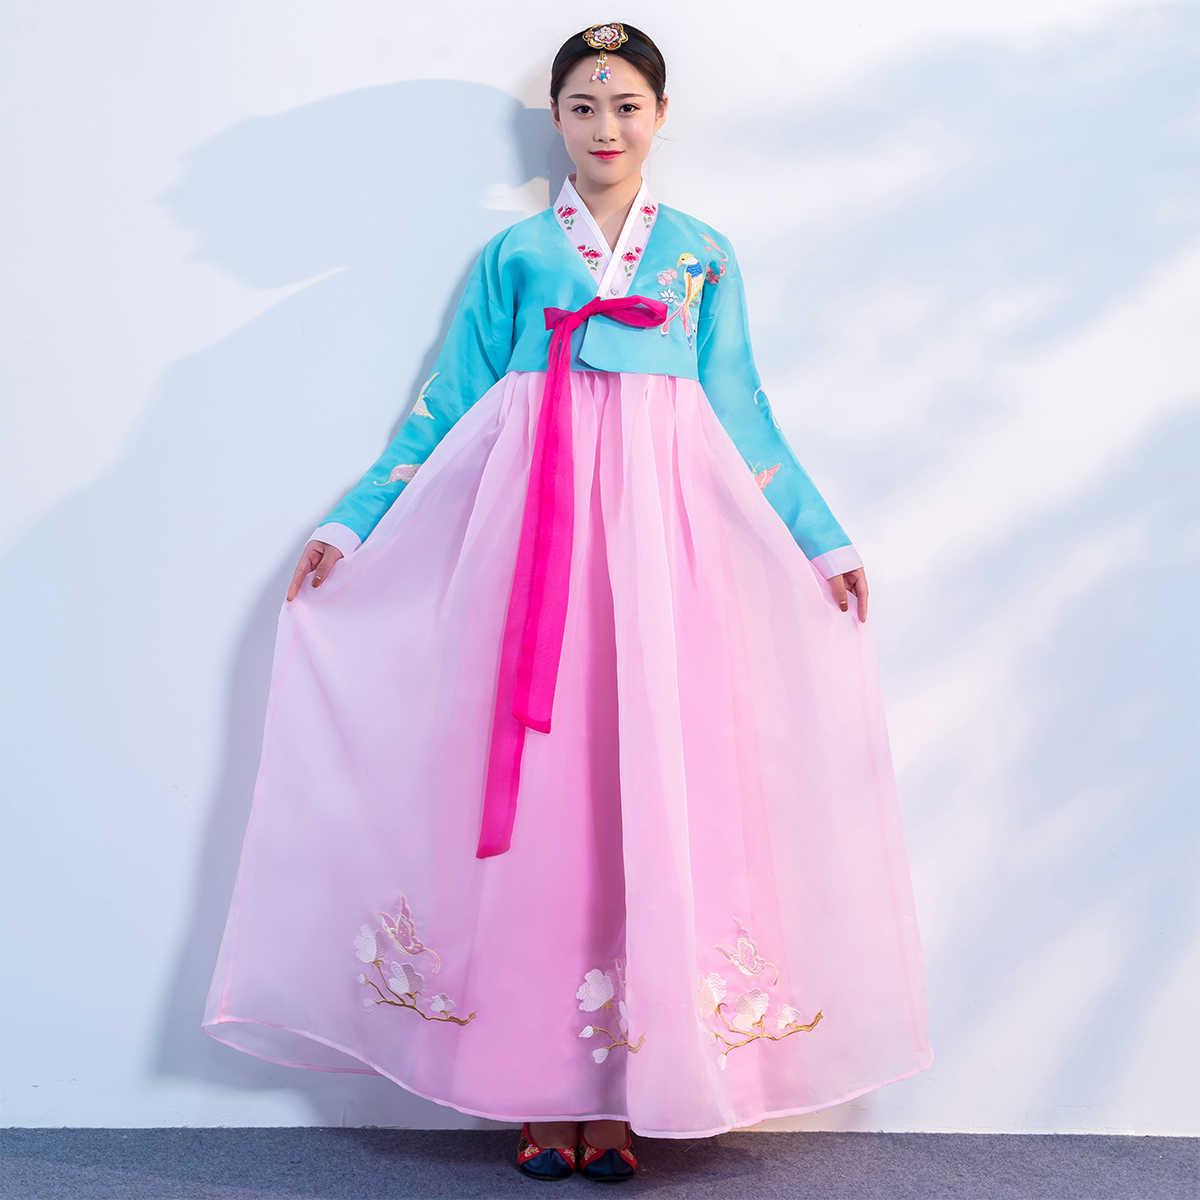 מסורתי אסיה חתונת ארמון Hanbok קוריאני לנשים קוספליי בגדי ביצועי שלב שמלת Hanbok תלבושות ריקוד לאומיים